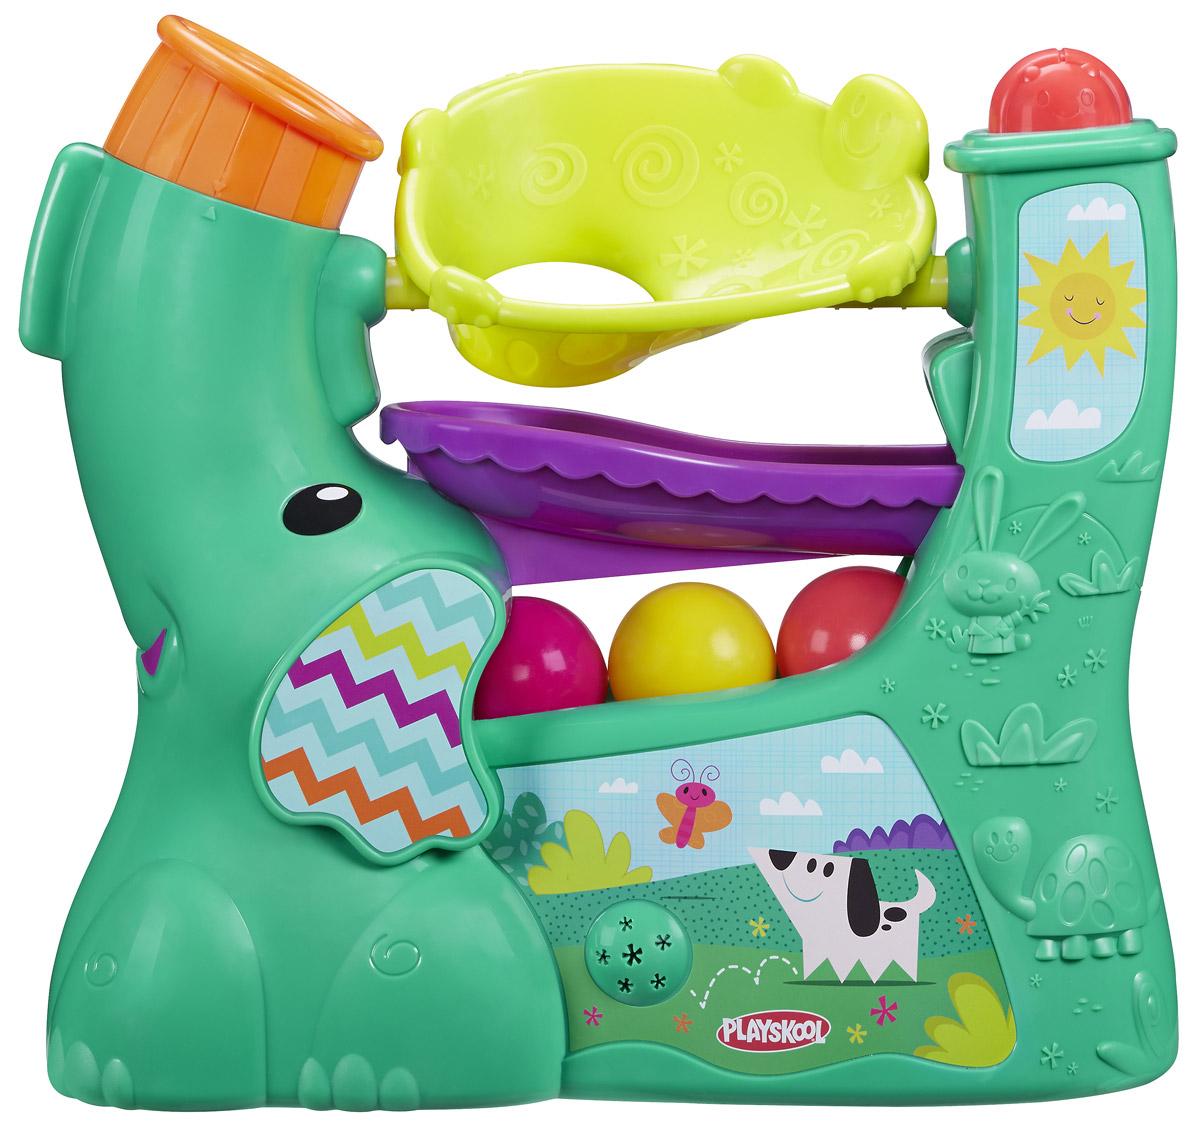 Playskool Развивающая игрушка Веселый слоник learning journey развивающая игрушка веселый слоник